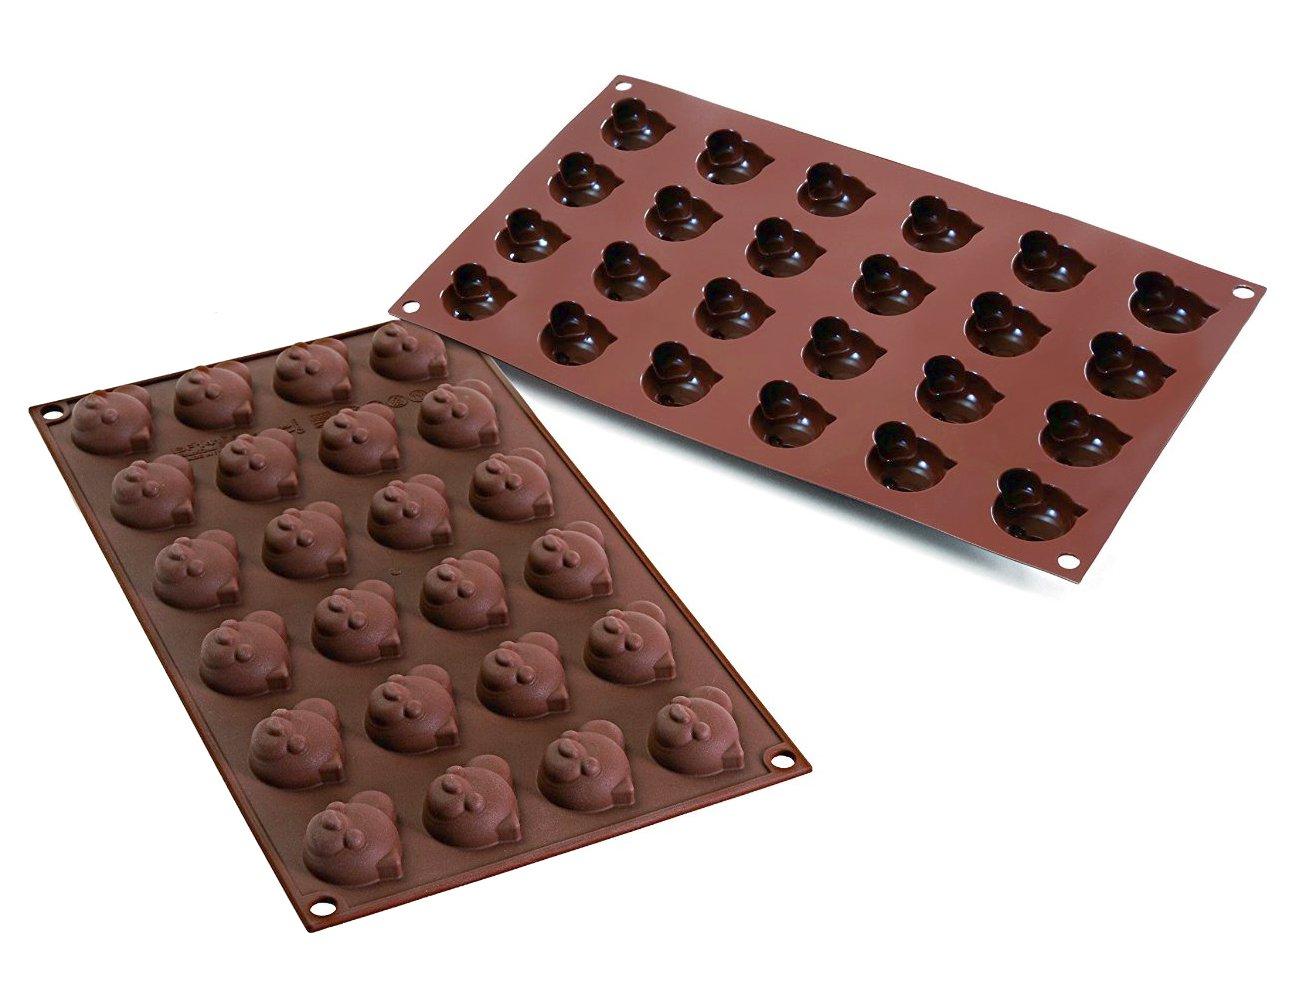 Φόρμα σιλικόνης για σοκολατάκια Silikomart Choco Panda SF141